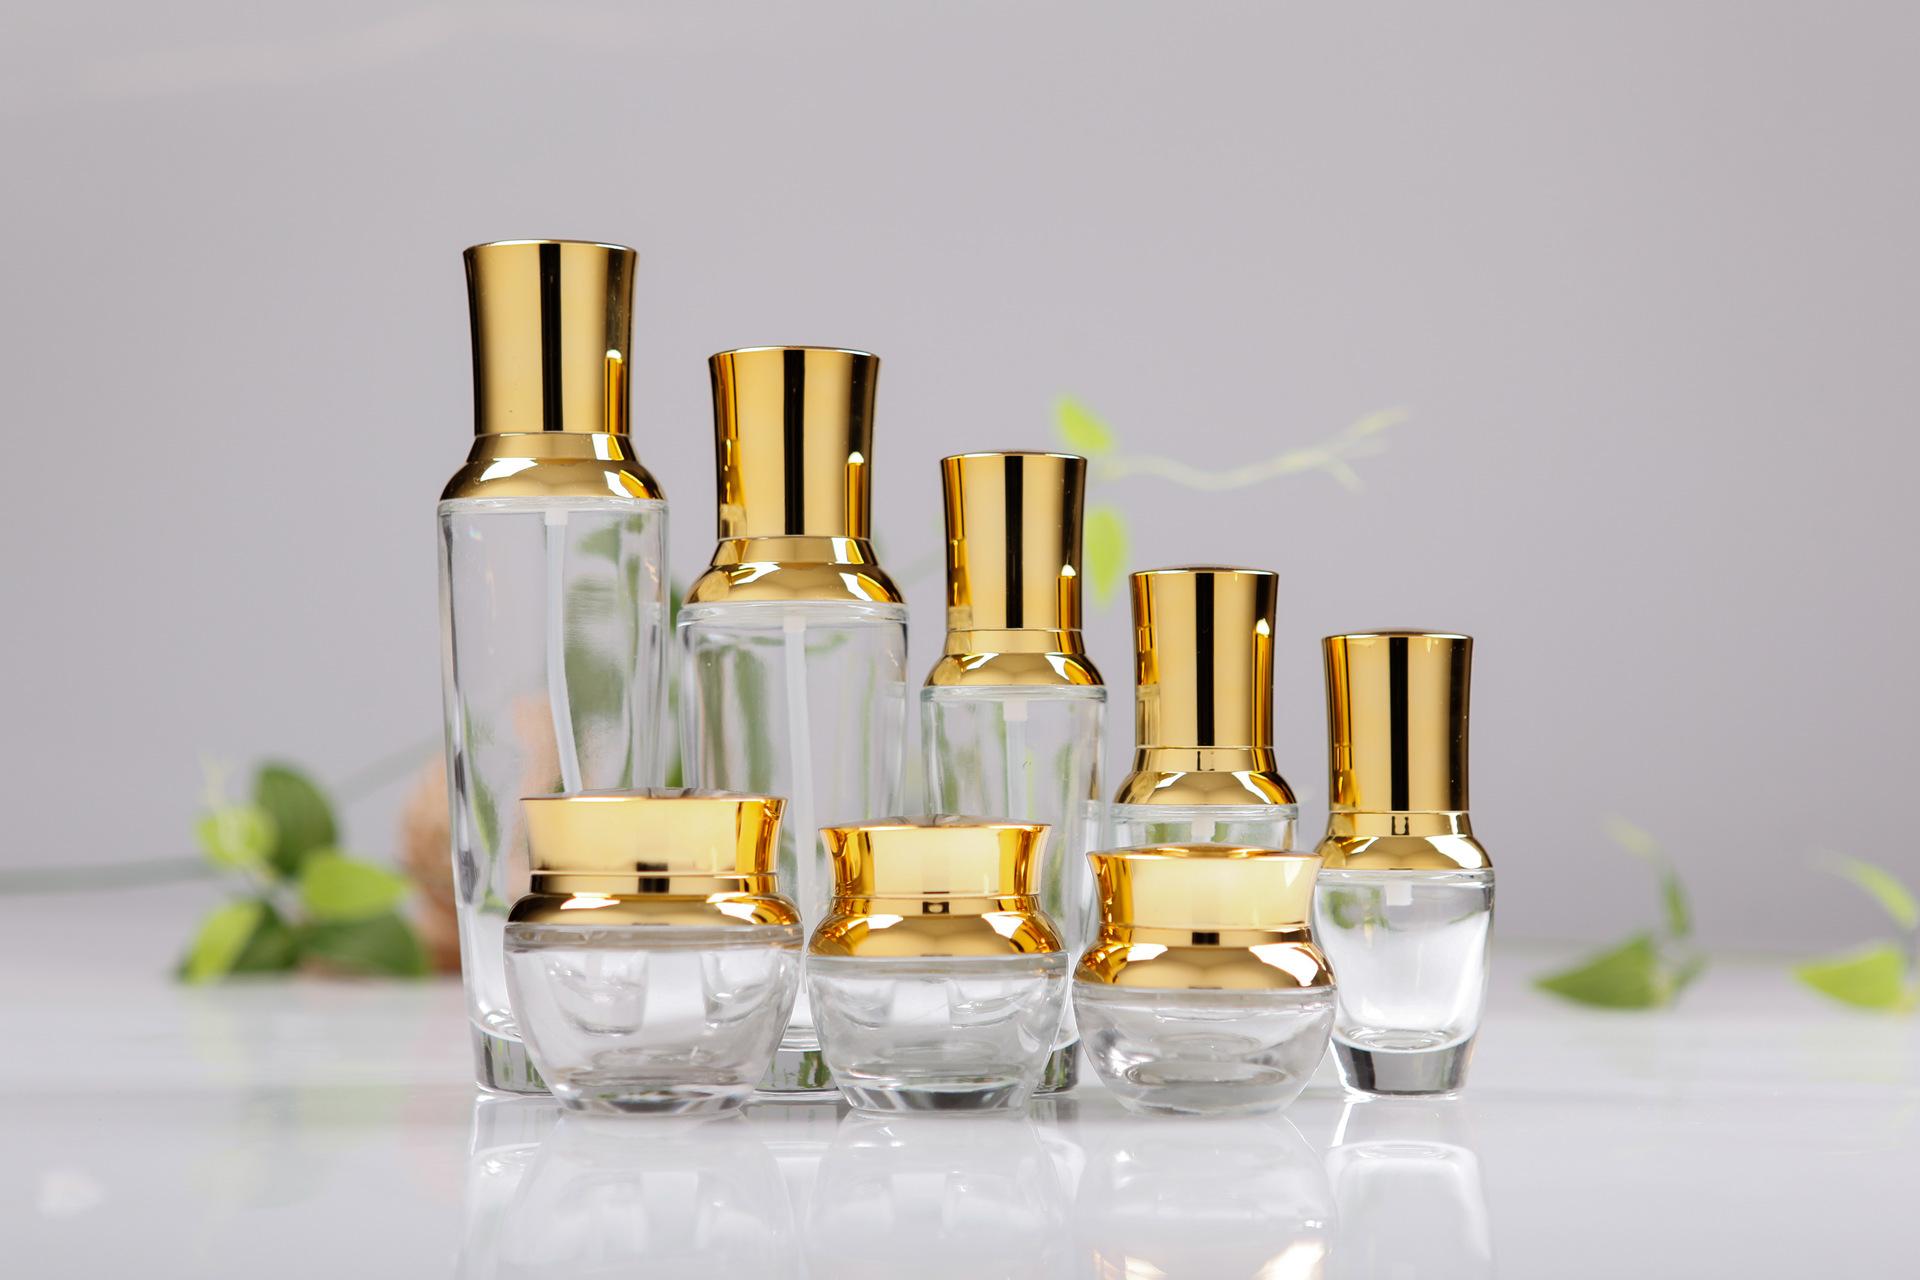 玻璃瓶定做 玻璃瓶加工 玻璃瓶生产厂家